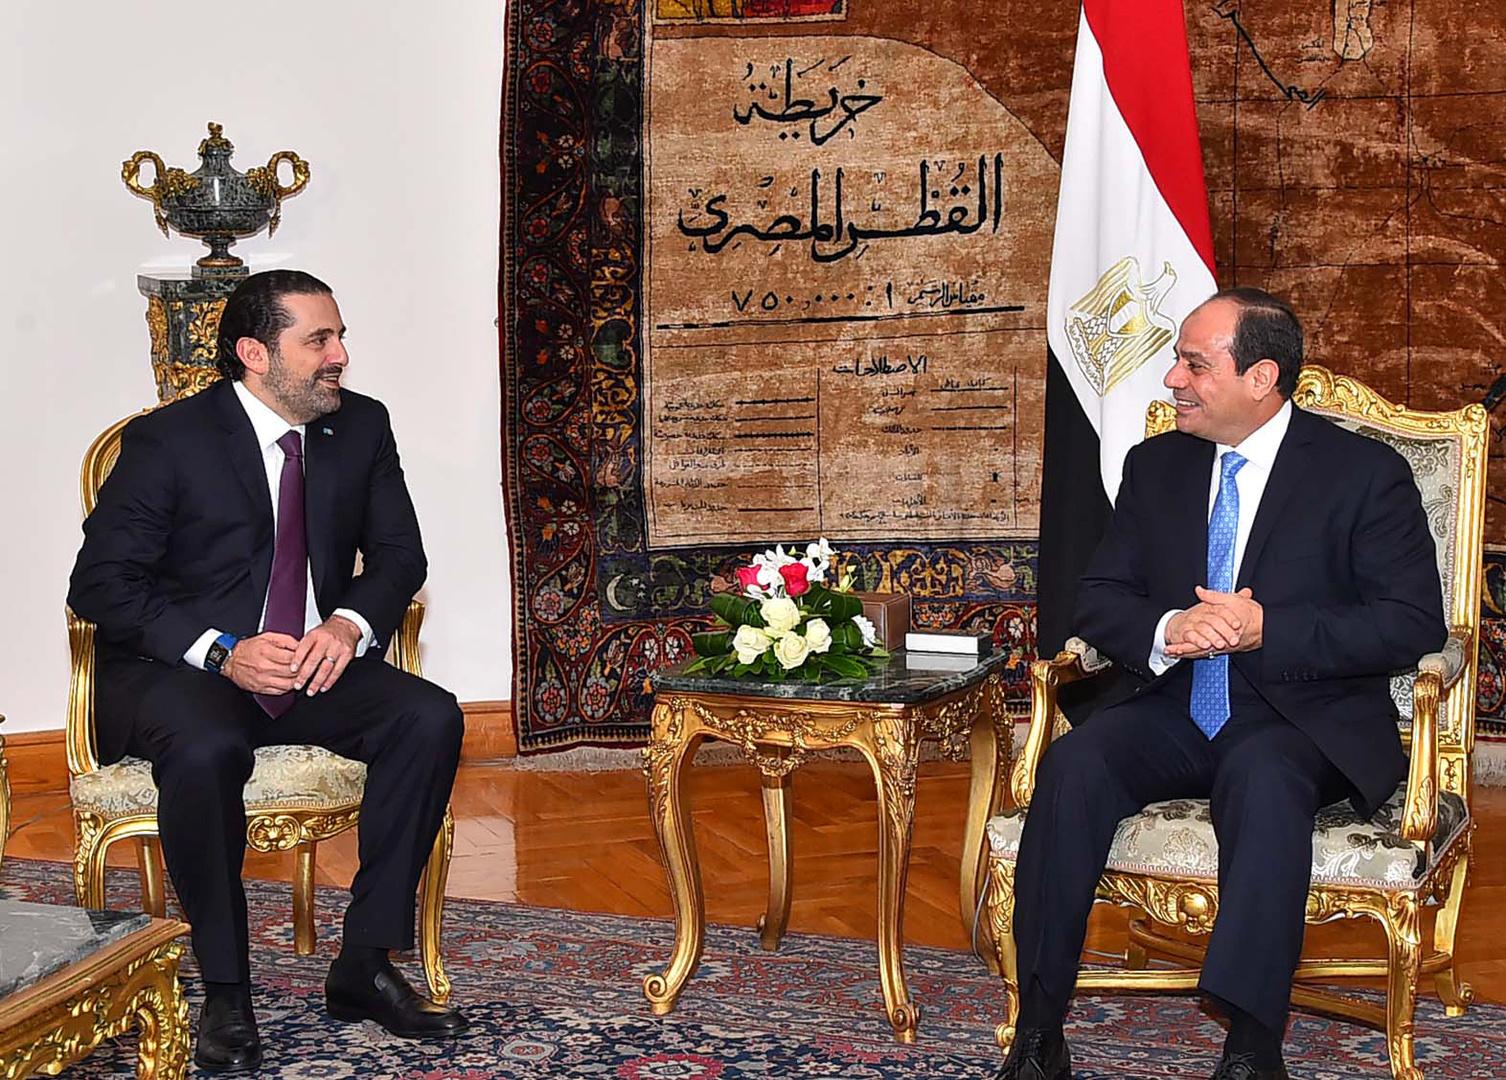 الرئيس المصري عبد الفتاح السيسي ورئيس الحكومة اللبنانية المكلف سعد الحريري